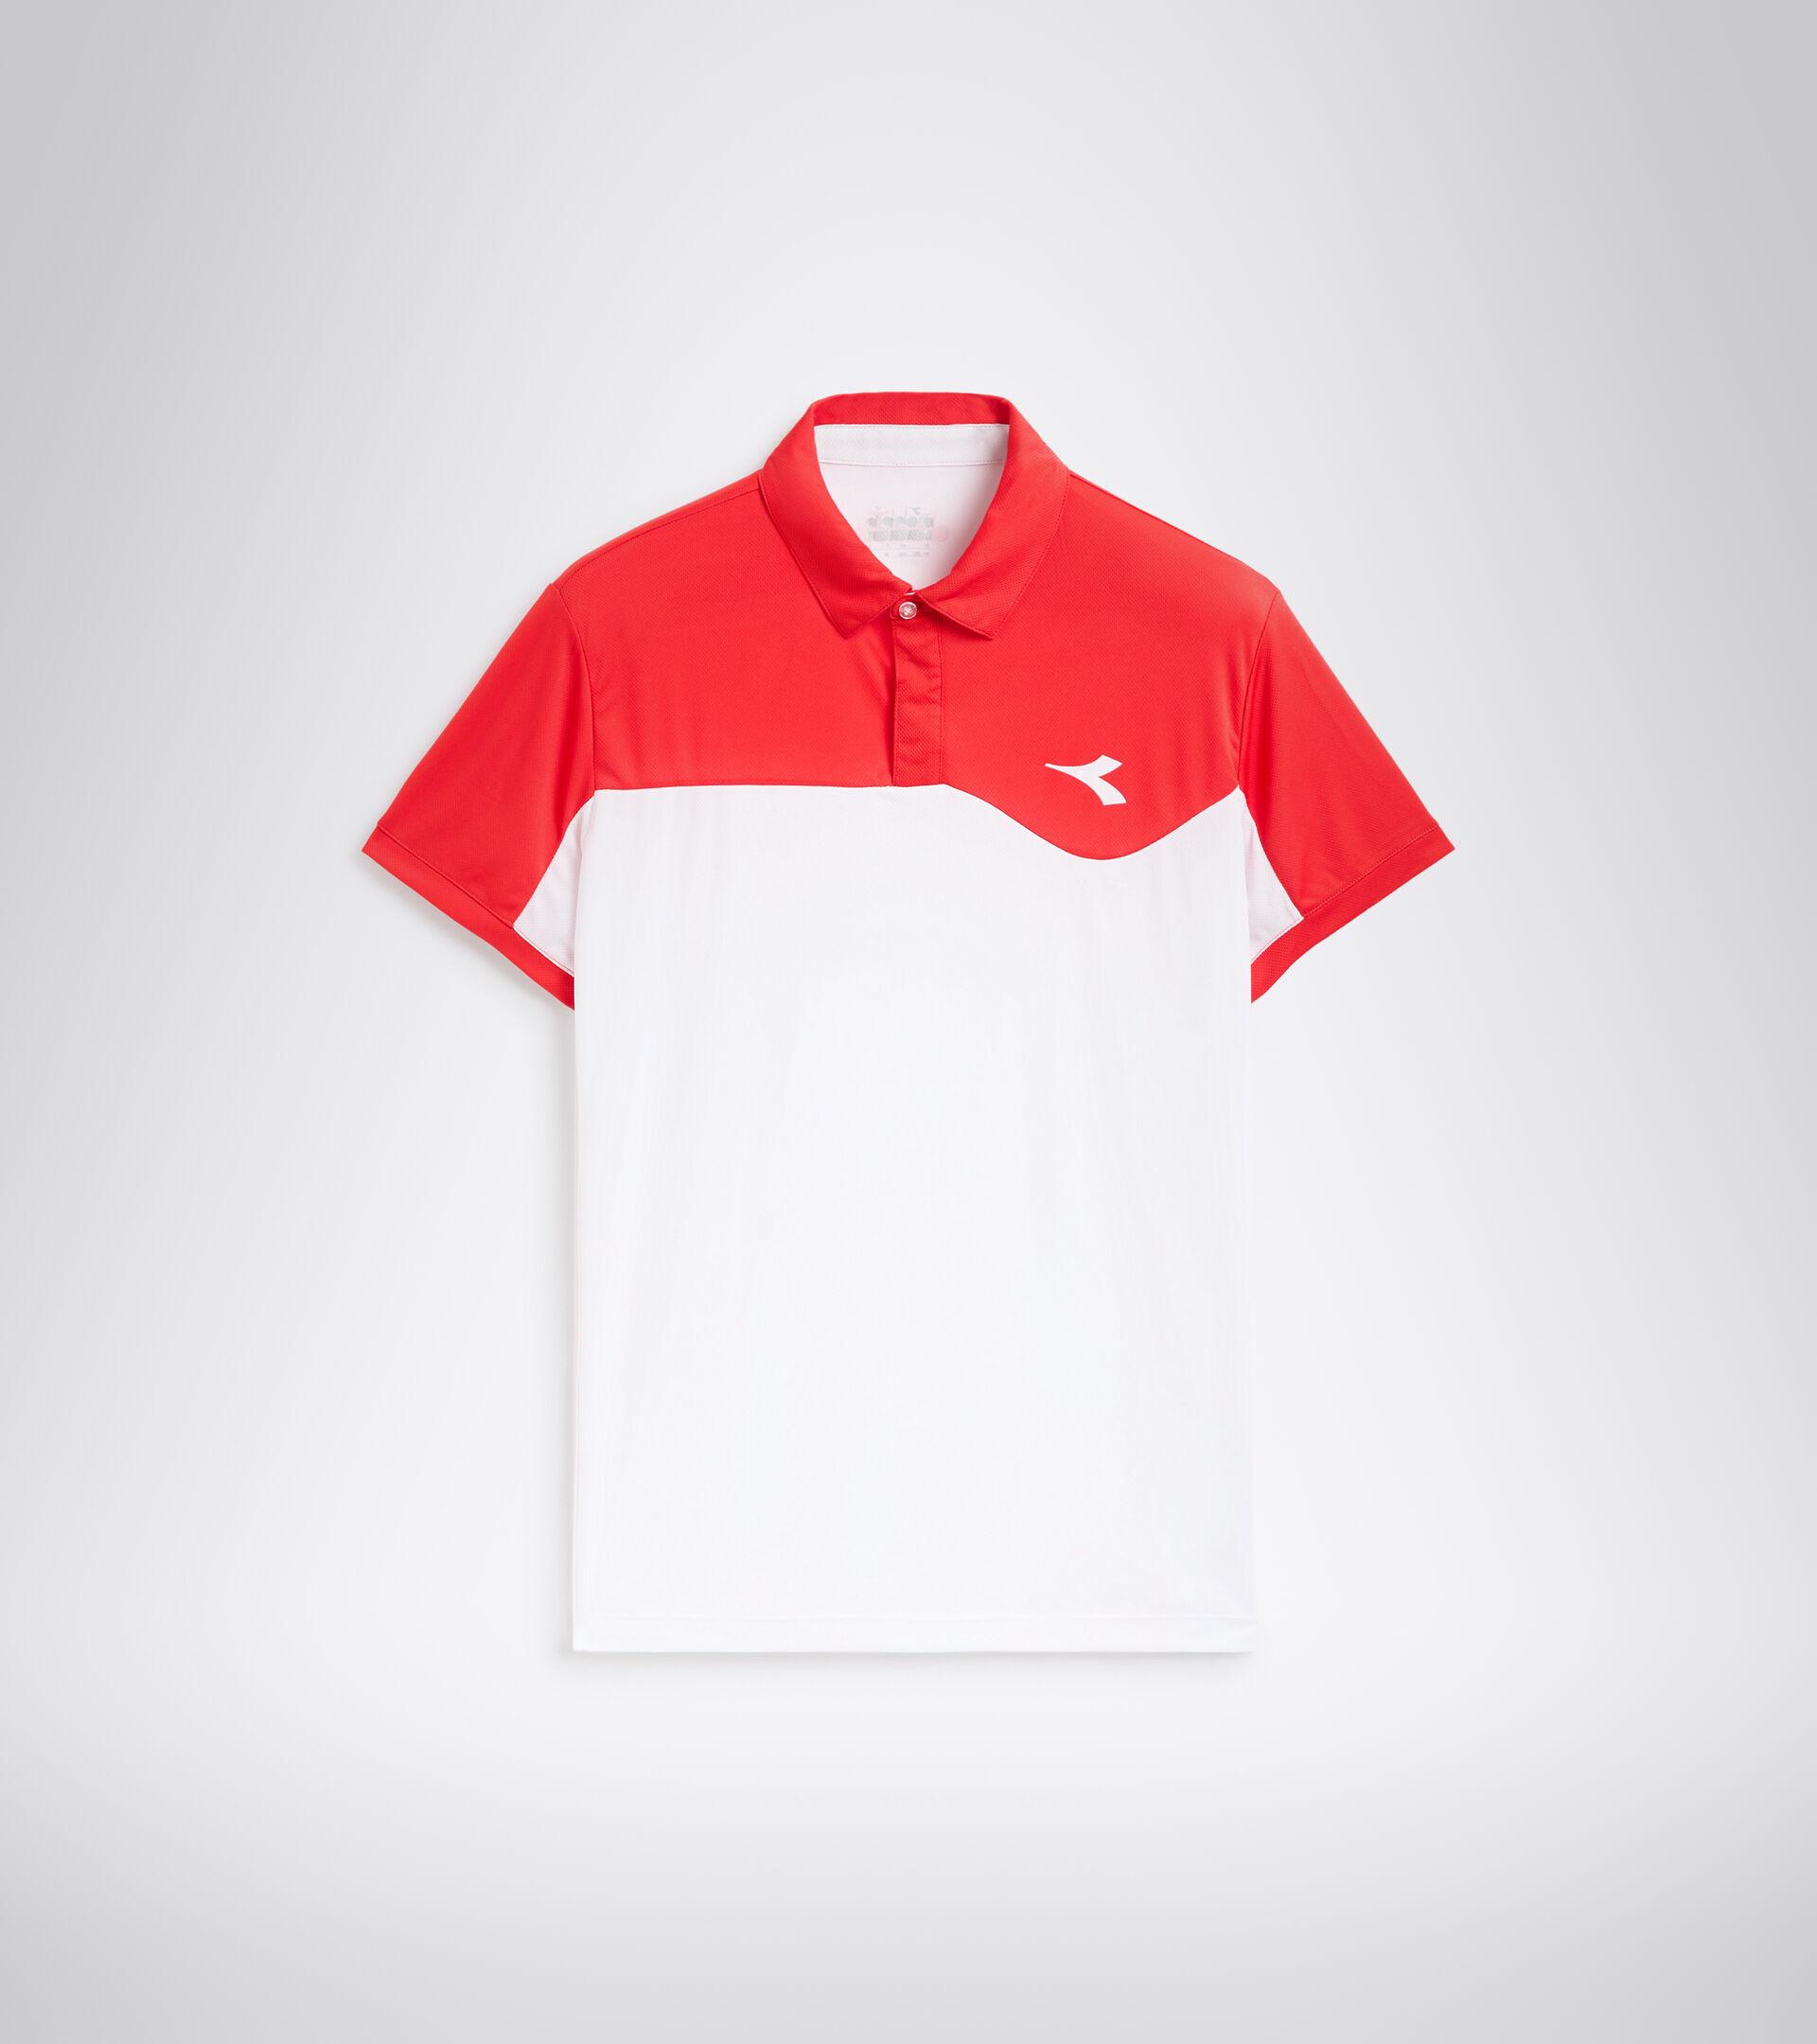 Tennis polo shirt - Men POLO COURT TOMATO RED - Diadora